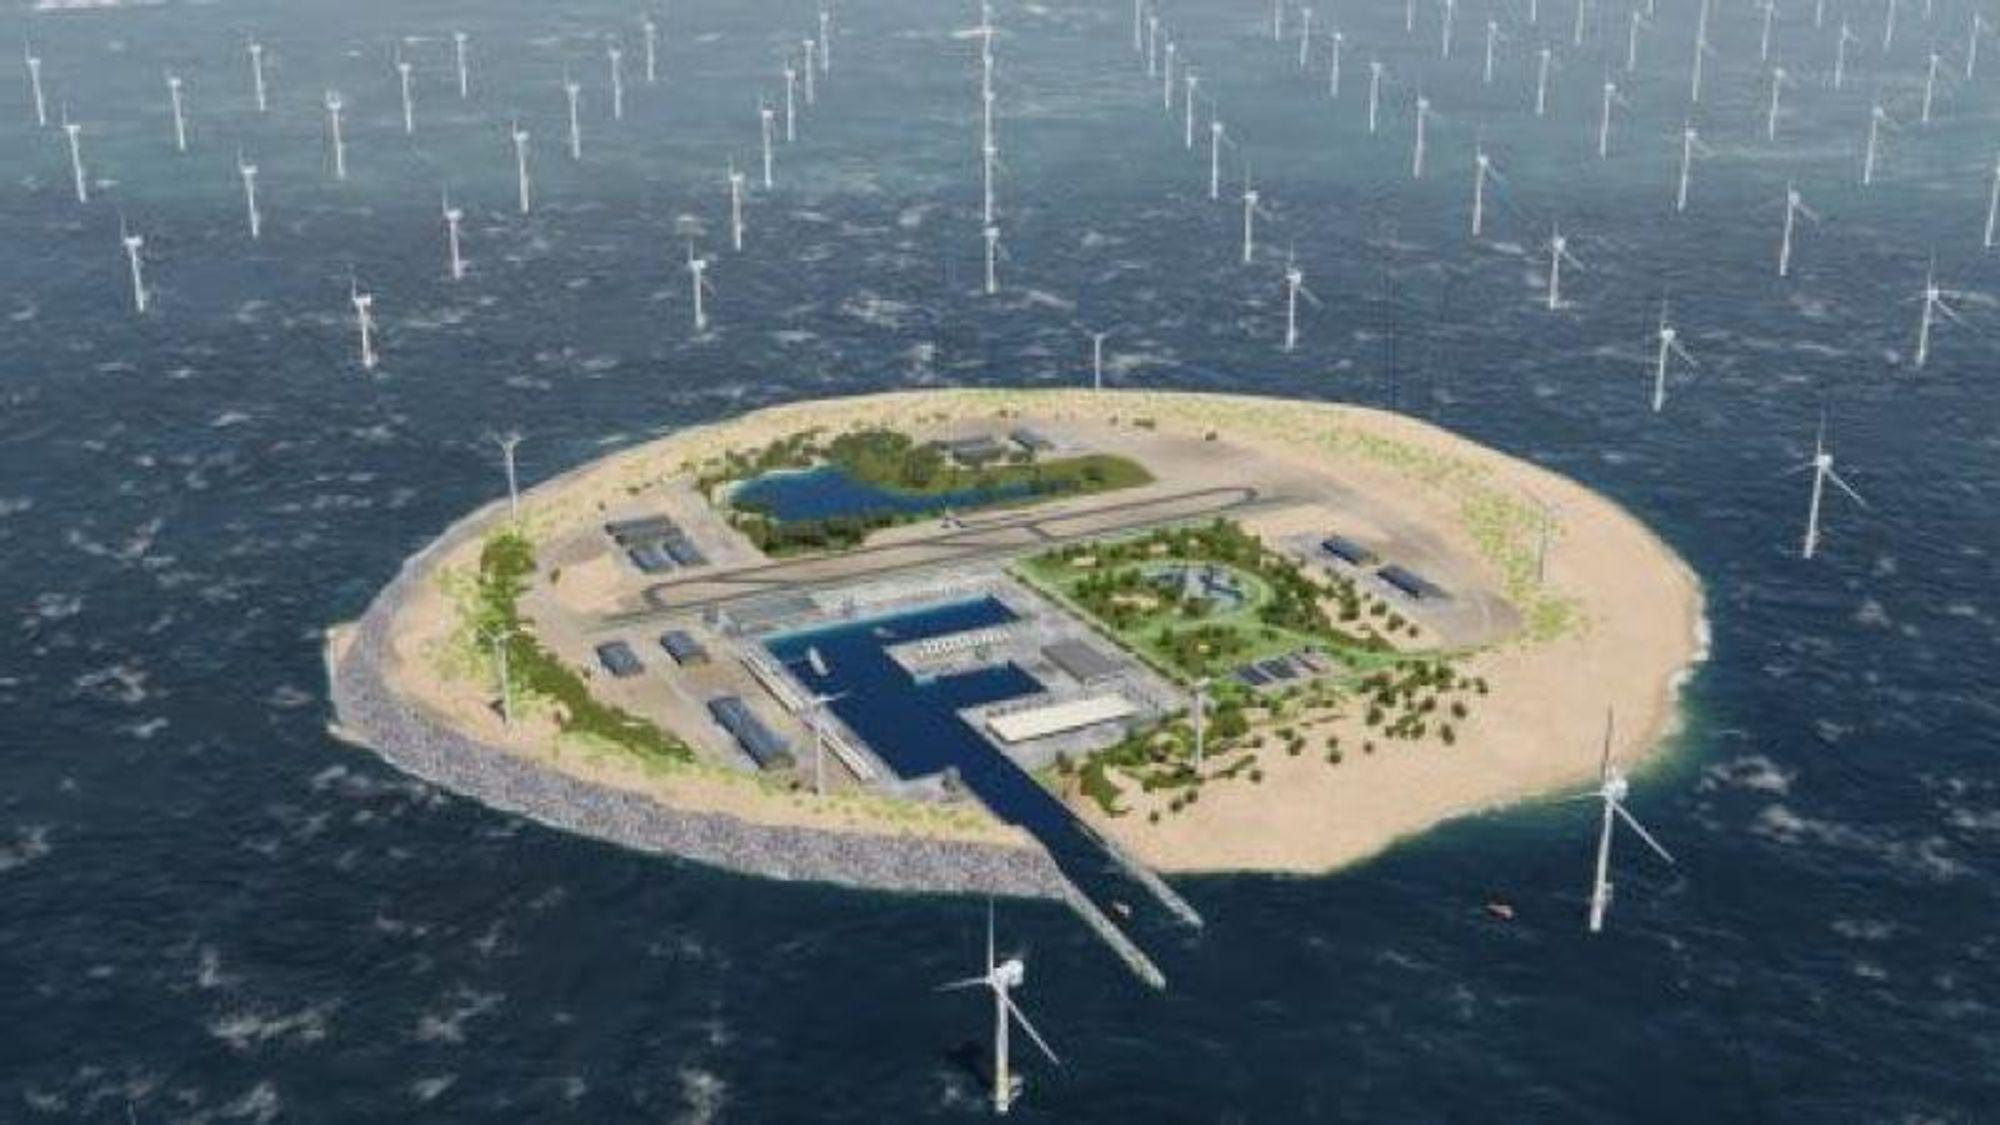 Vil bygge vindkraft-øy utenfor Bornholm